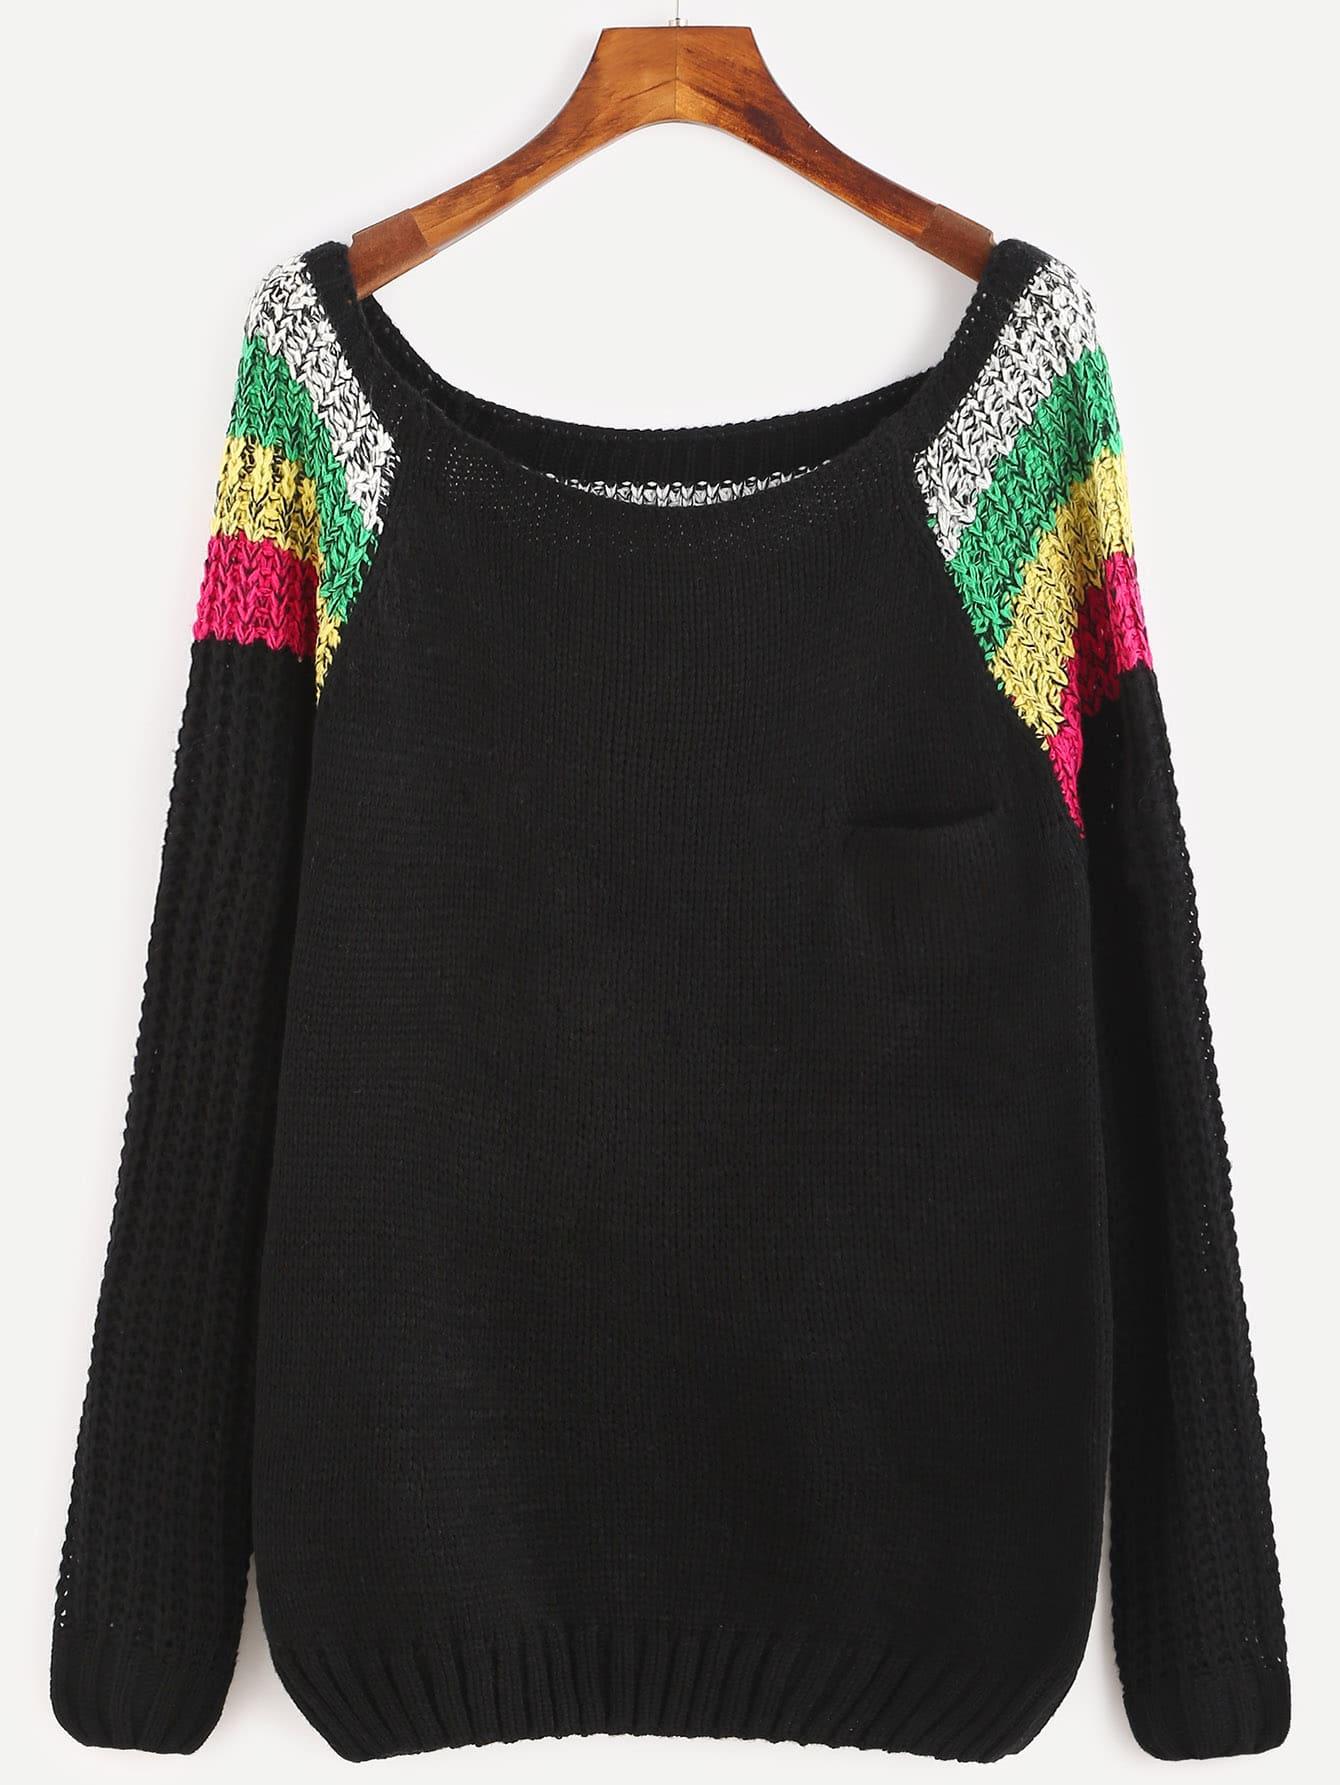 Color Block Scoop Neck Raglan Sleeve Sweater sweater160929452